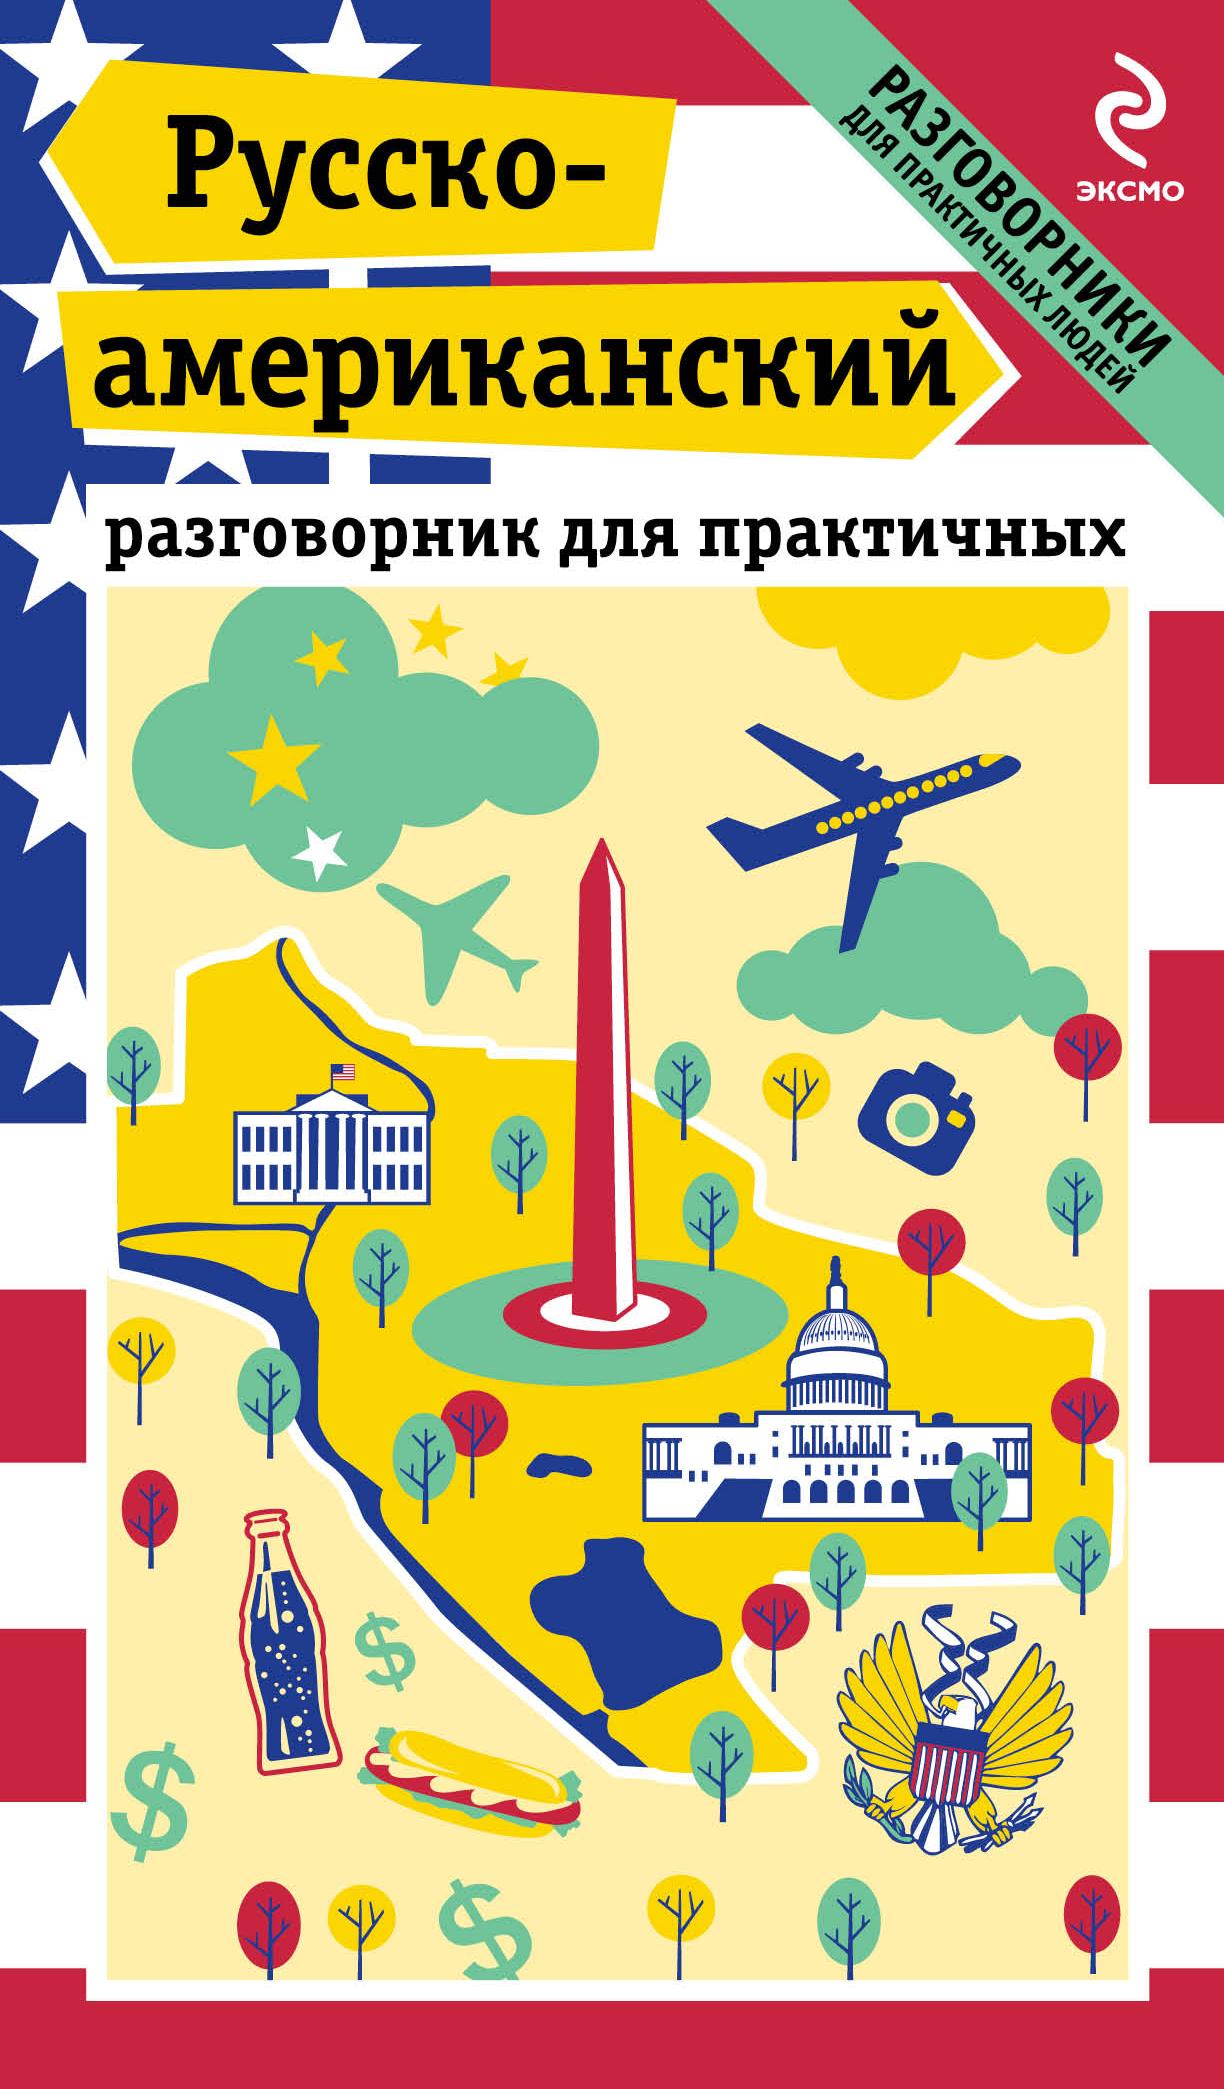 Русско-американский разговорник для практичных (+ карта)